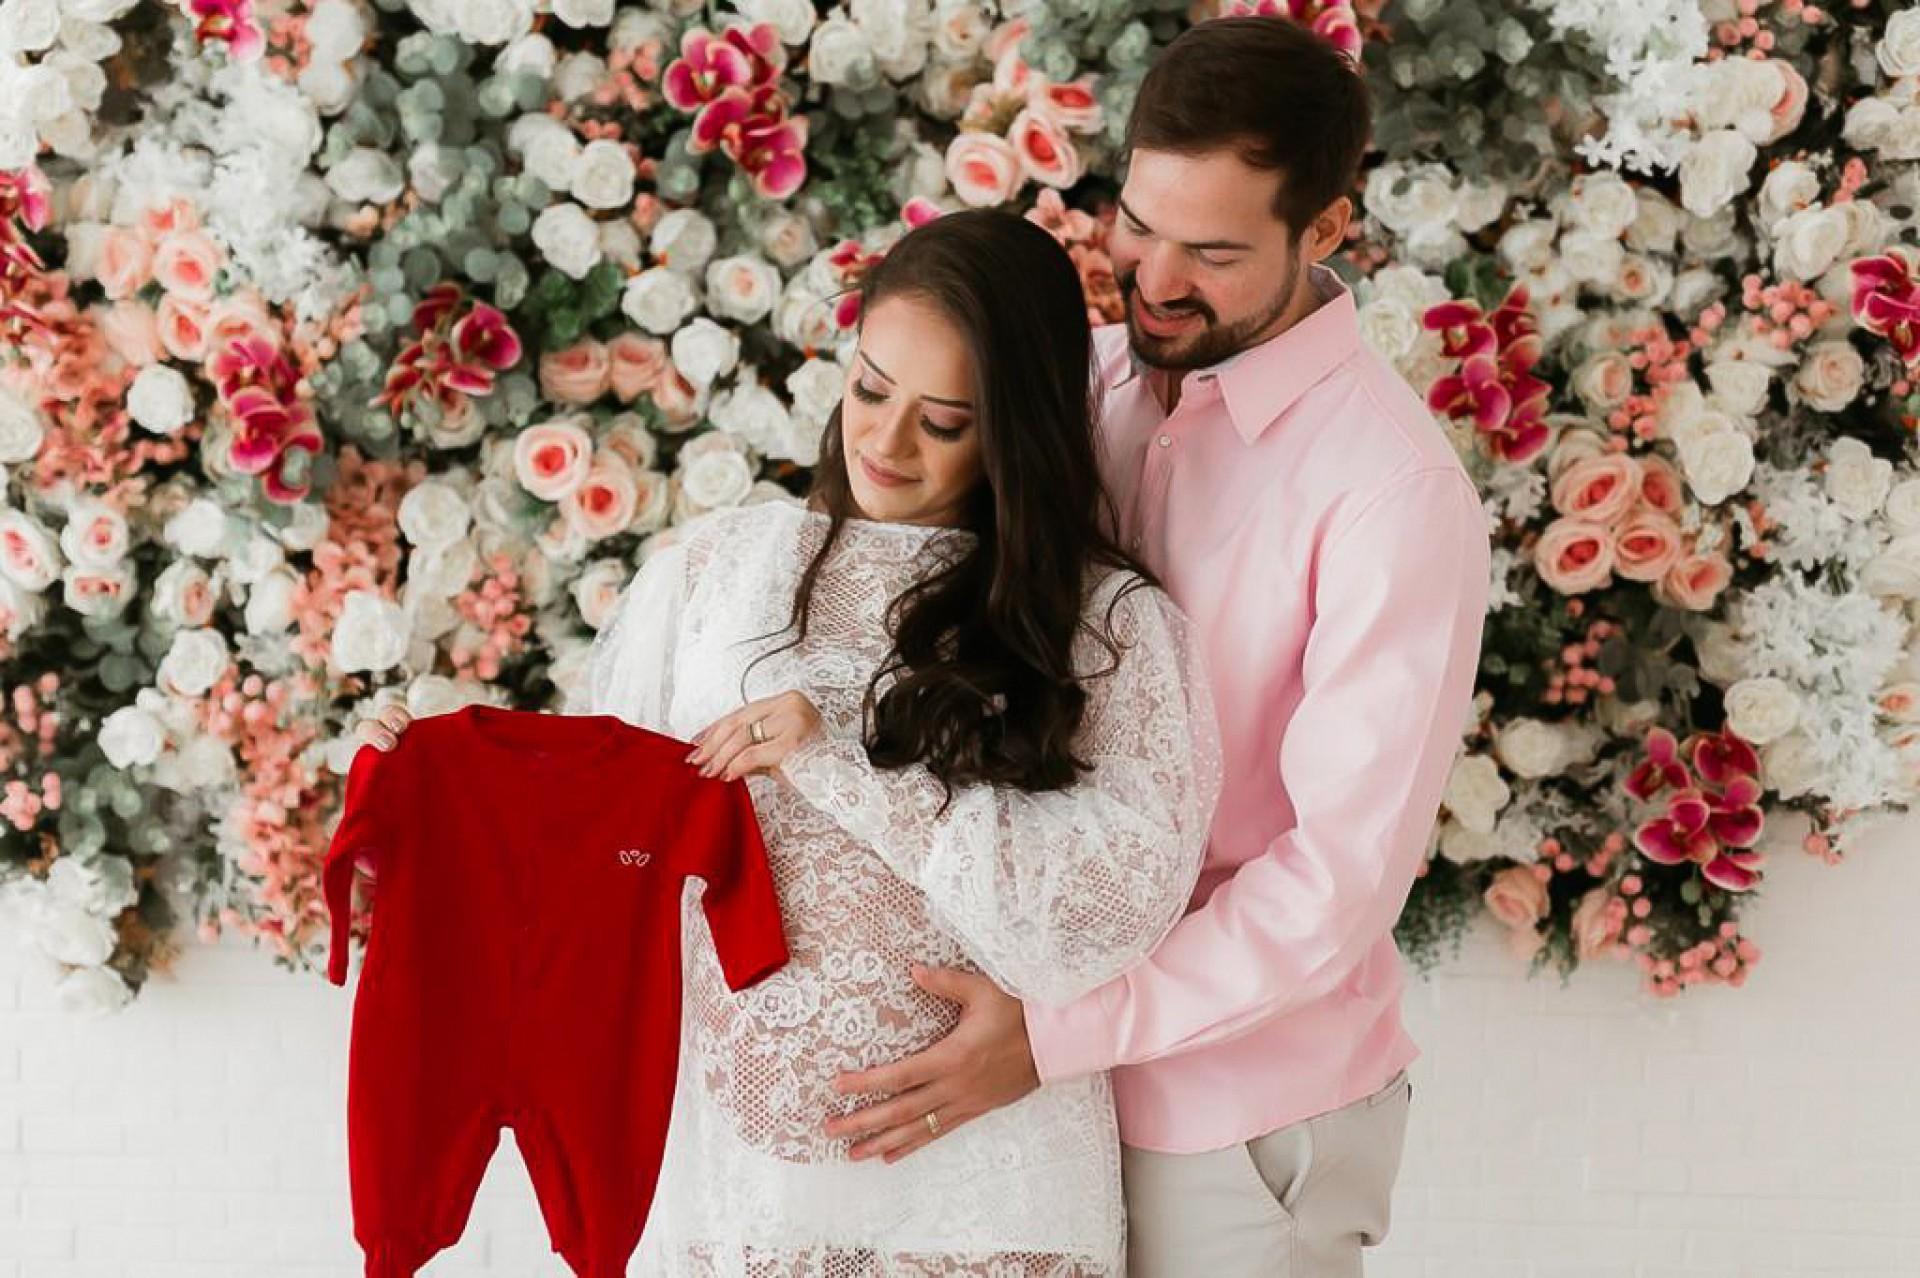 Ana Carolinagrávida ao lado do seu marido José Saulovivendo a expectativa da chegada da filha